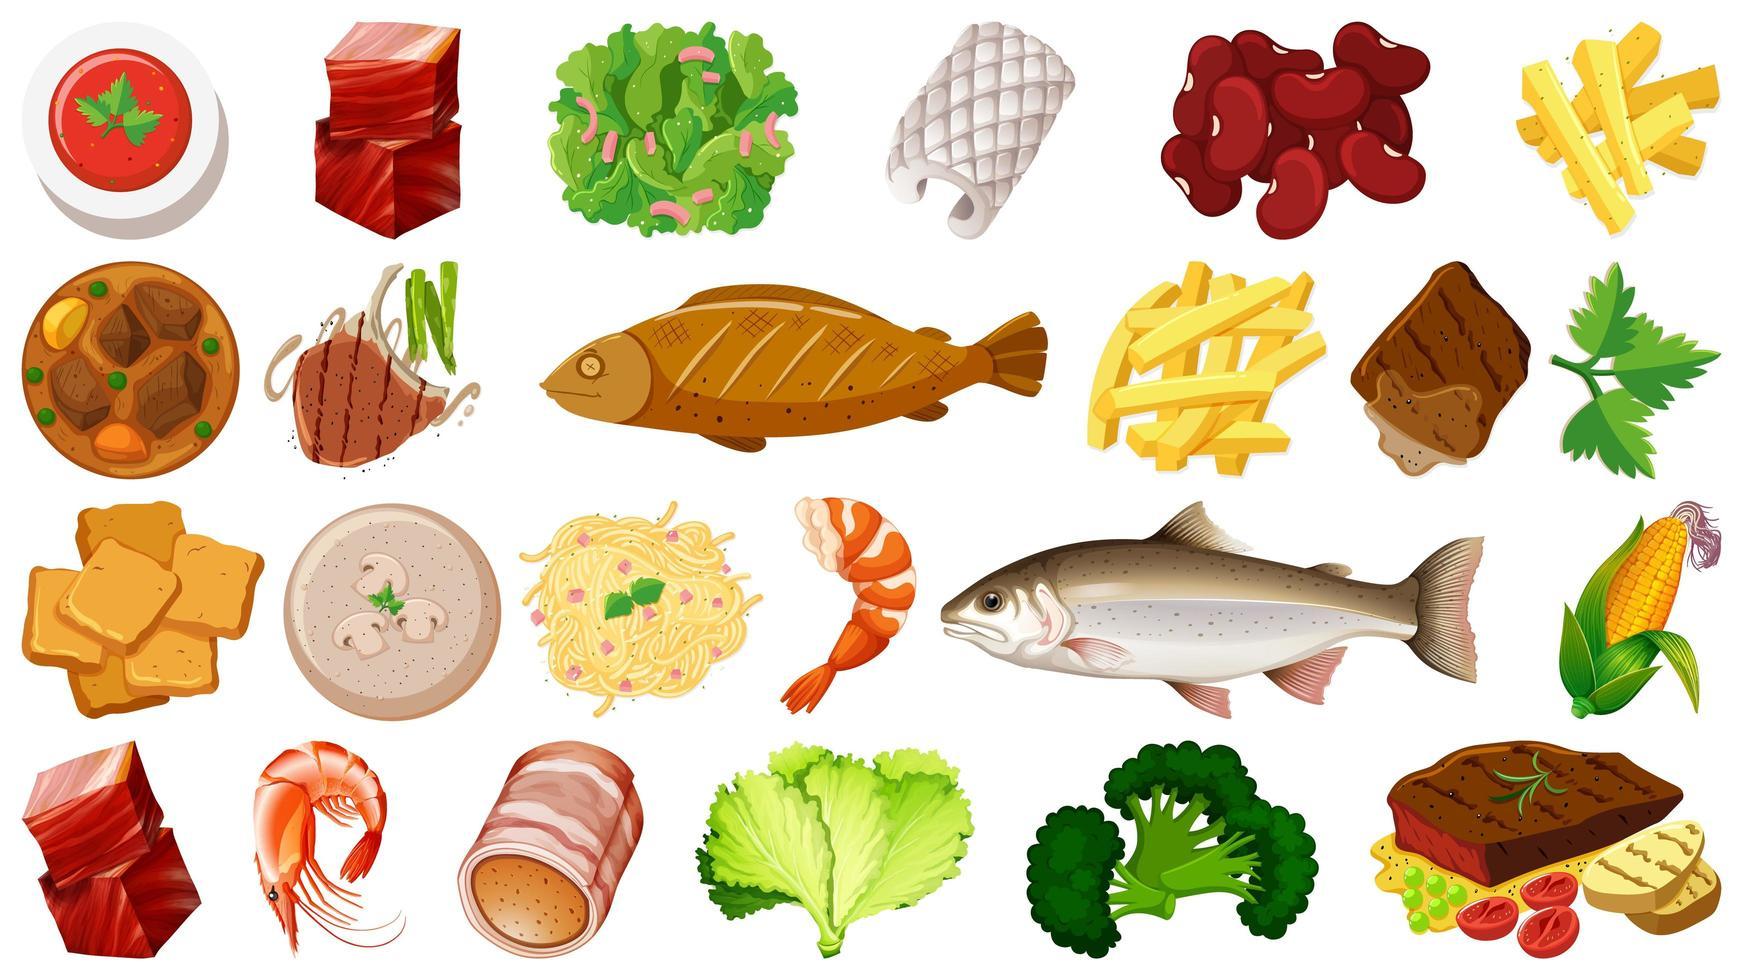 ensemble d & # 39; ingrédients alimentaires frais vecteur